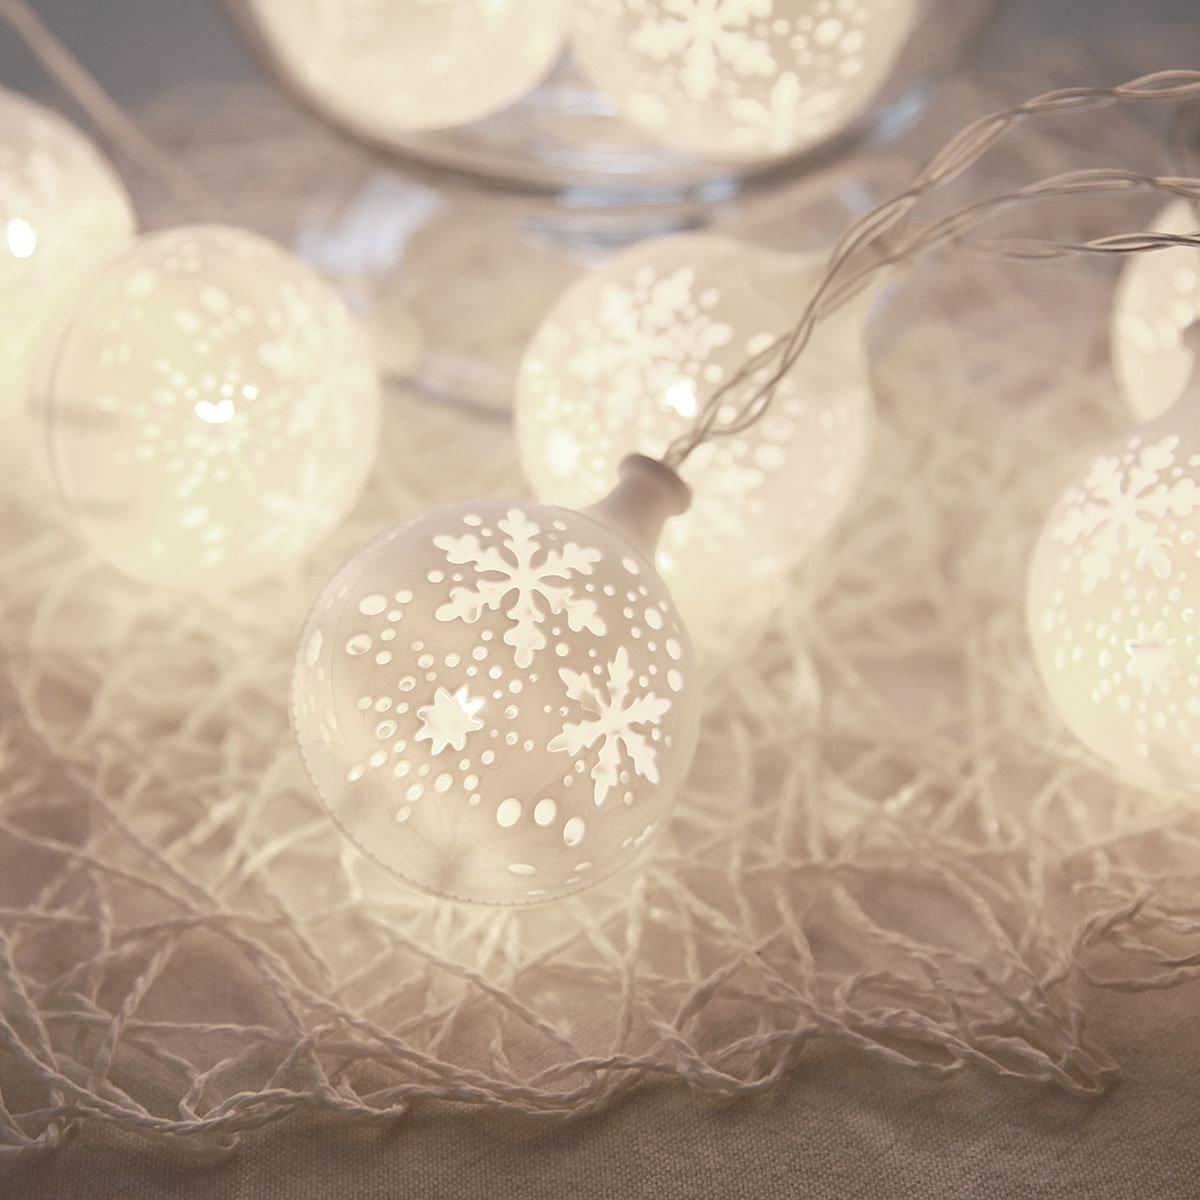 LED-Lichterkette Snowflake, 135 cm, Kunststoff, weiß | #2